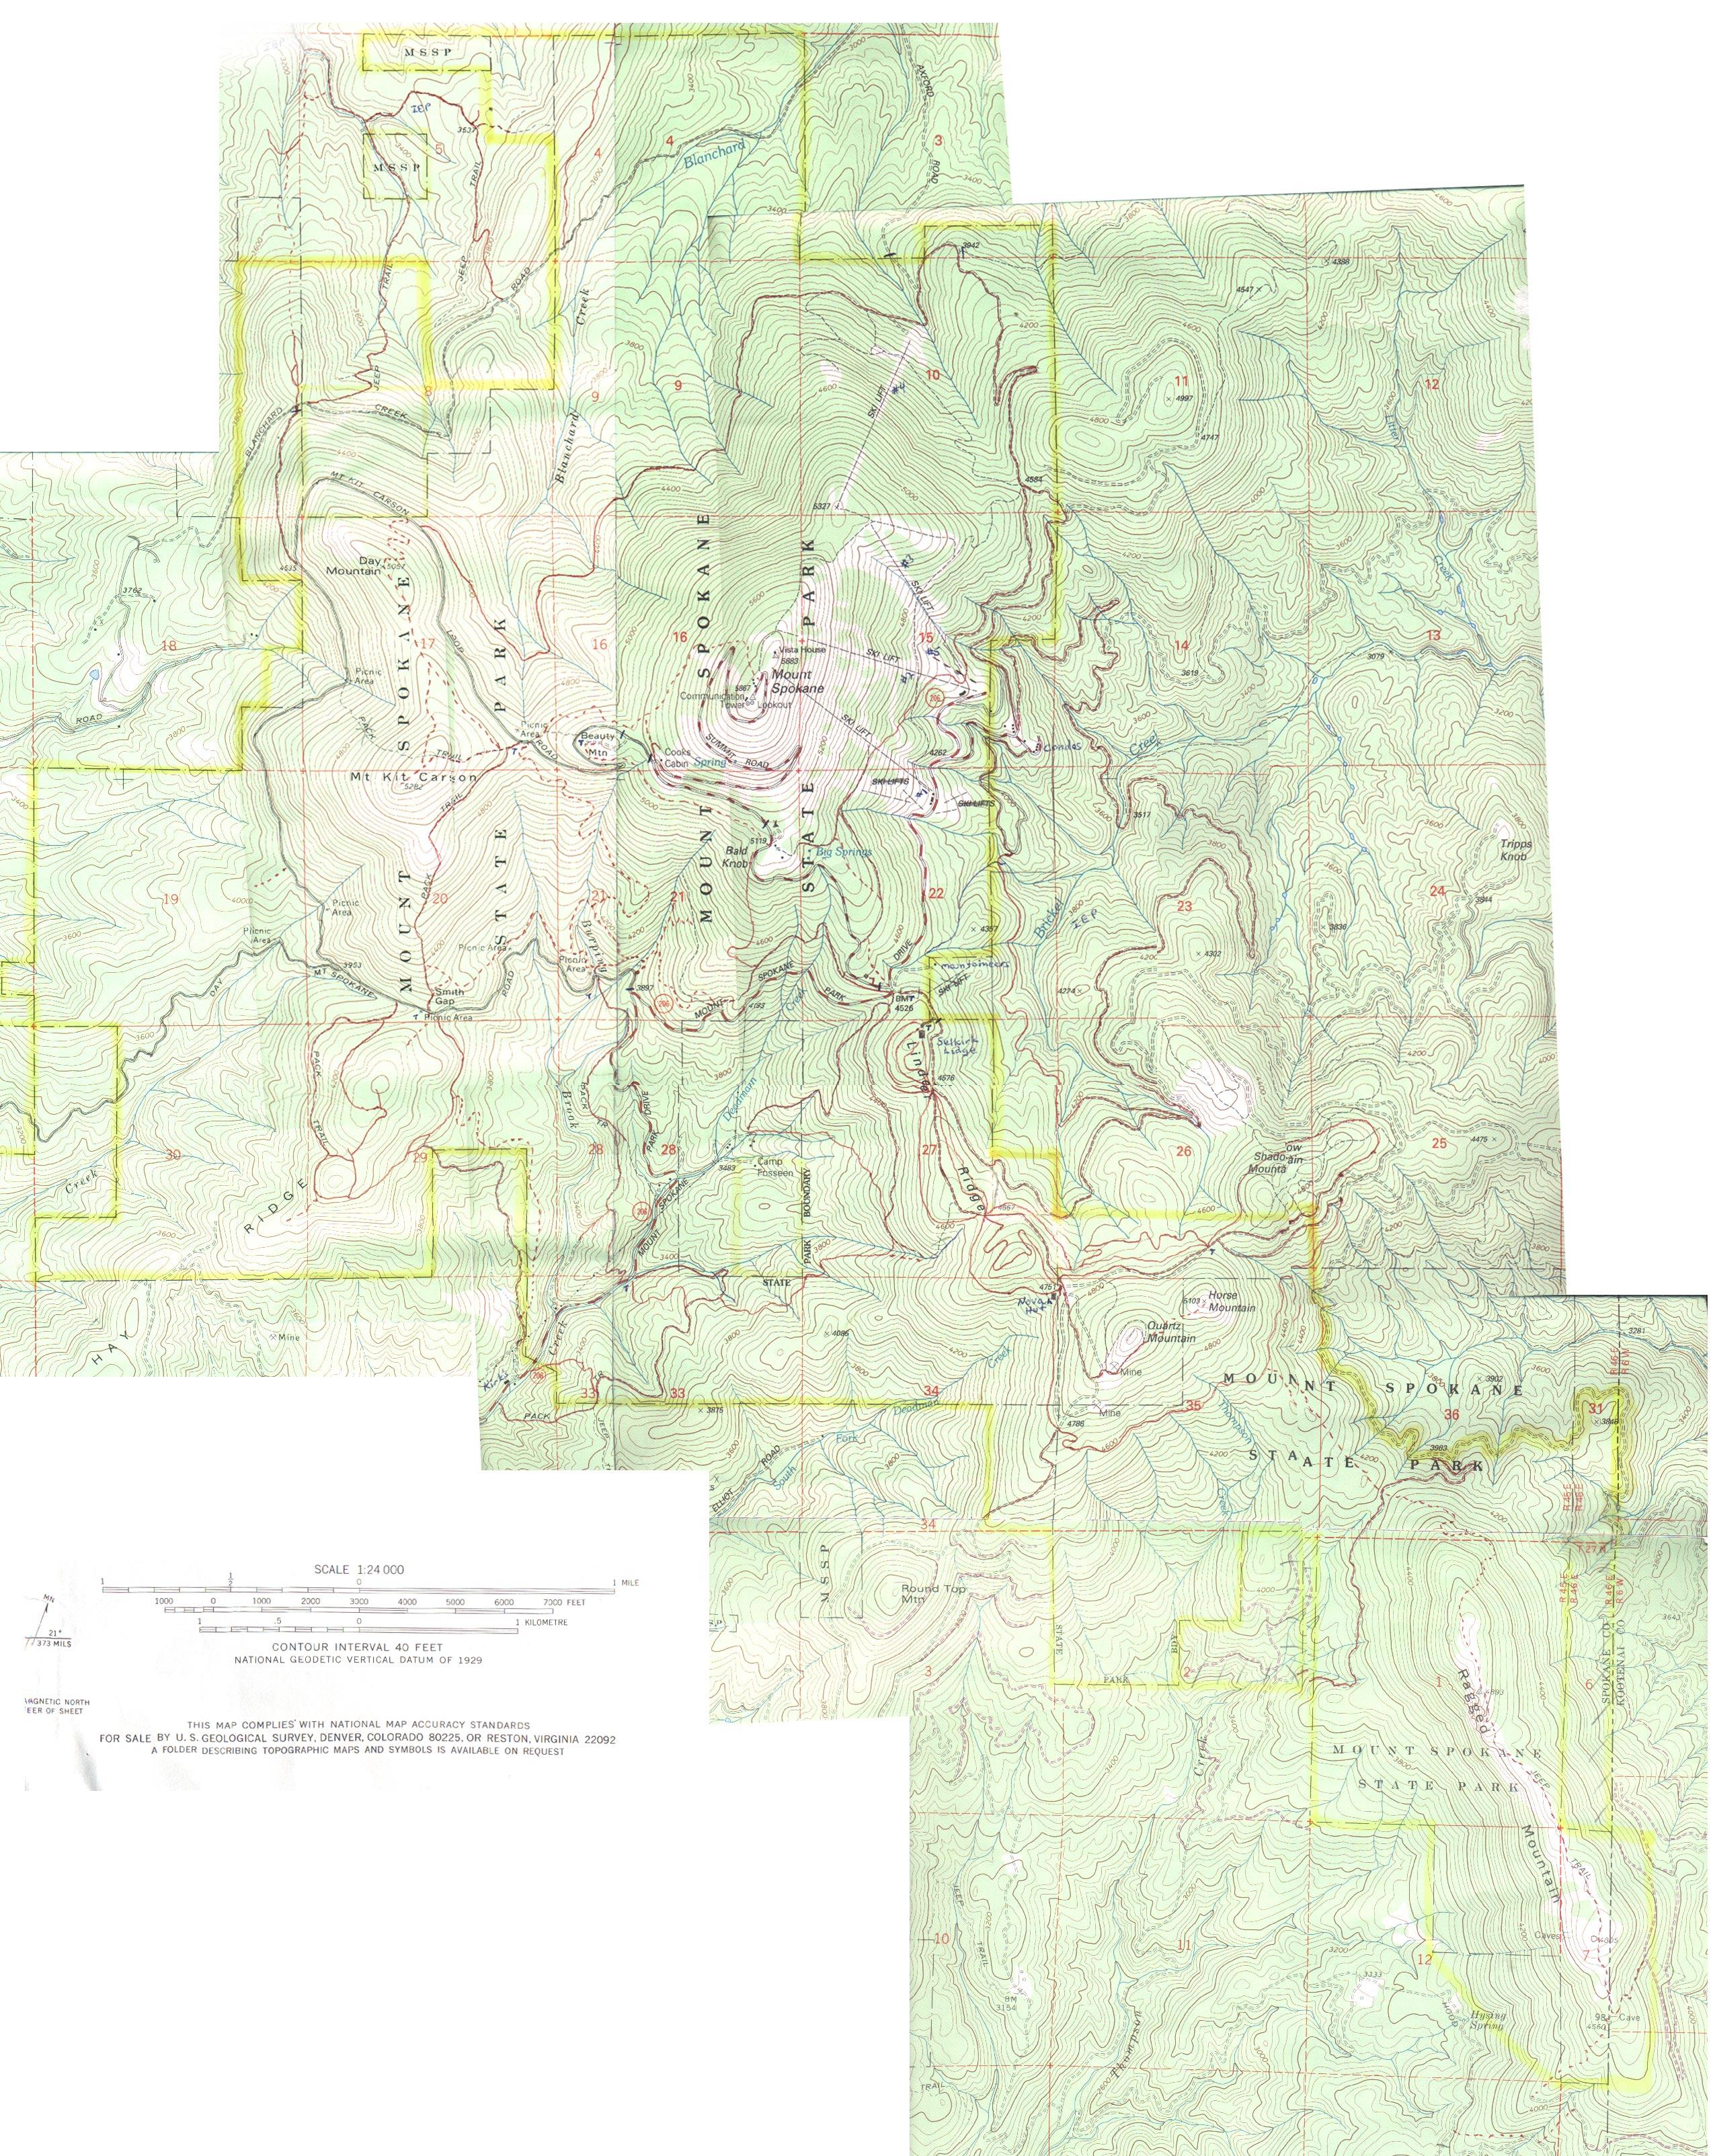 Mount Spokane Trail Map  Mount Spokane  Mappery